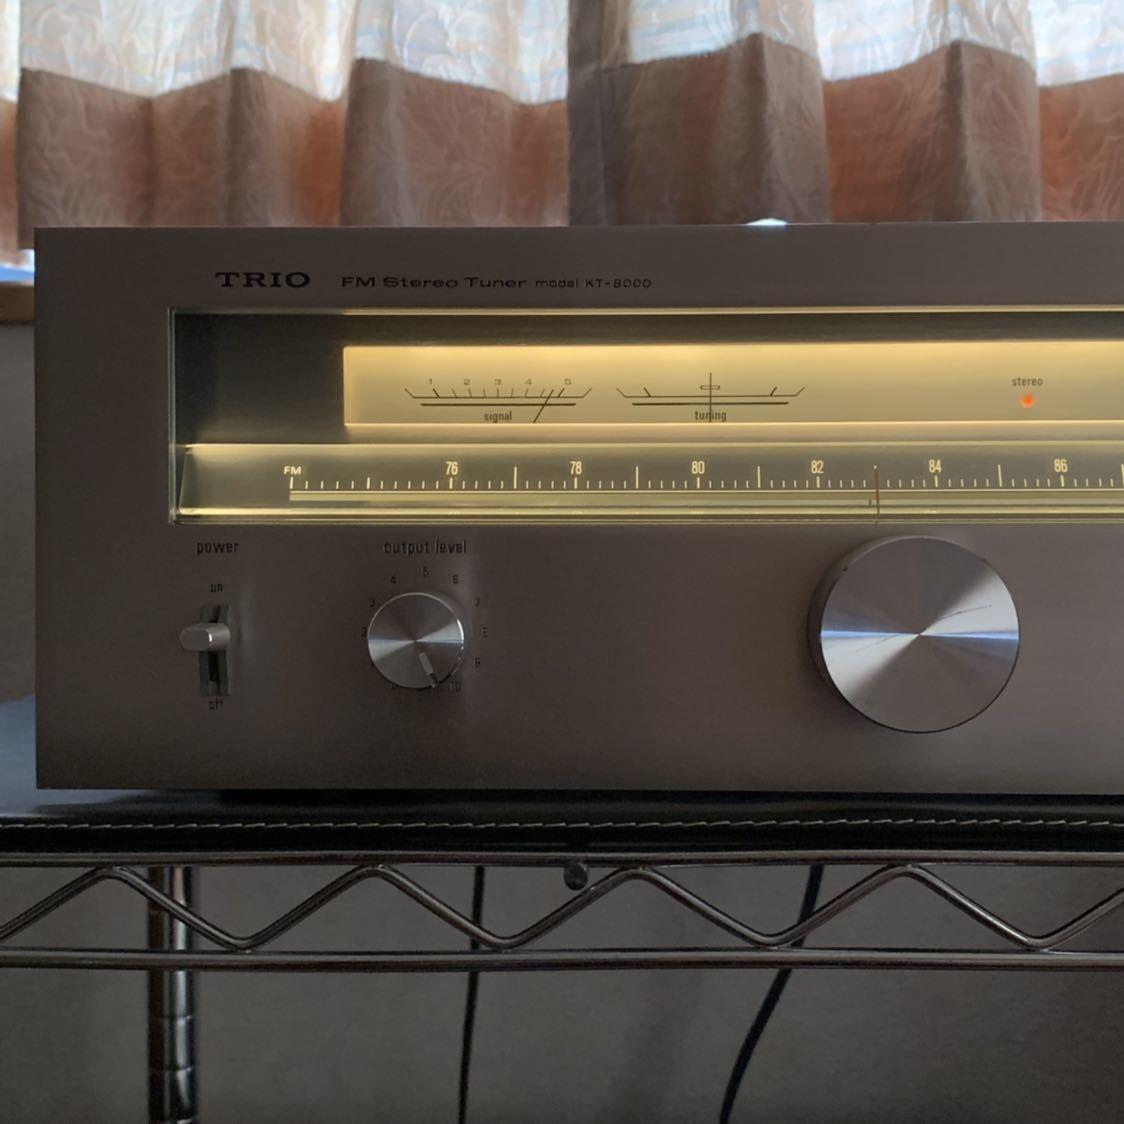 受信感度良好 TRIO トリオ FM 専用 チューナー KT-8000 電源スイッチのみ不良 その他 完動確認_画像5